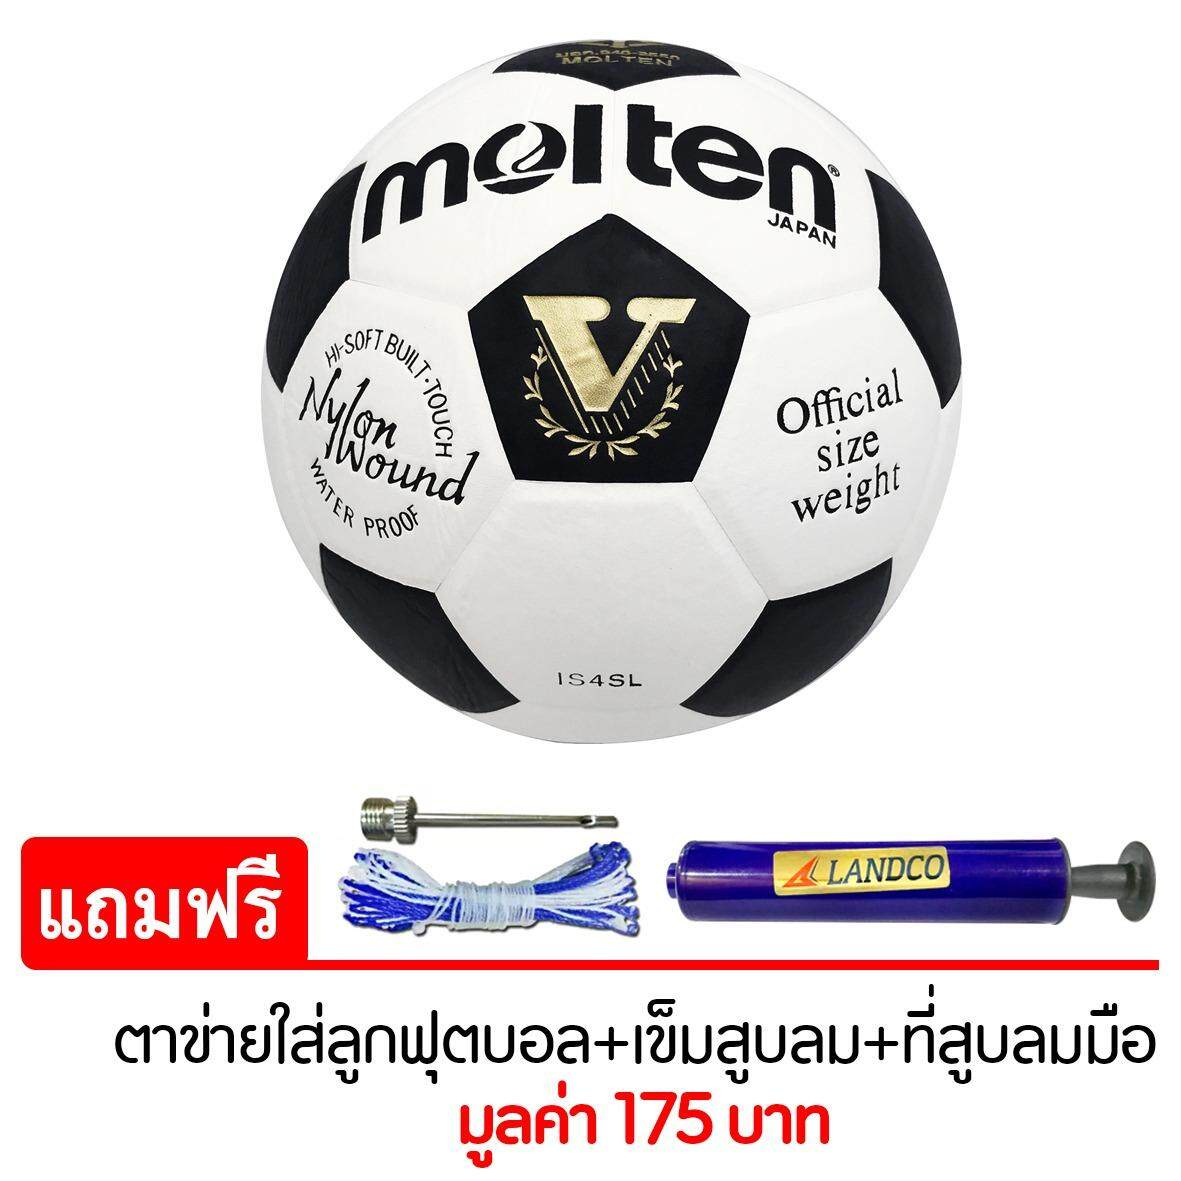 โปรโมชั่น Molten ฟุตบอล Football Mot Pu Is4Sl Wh Bk เบอร์4 แถมฟรี ตาข่ายใส่ลูกฟุตบอล เข็มสูบสูบลม สูบมือ Spl รุ่น Sl6 สีน้ำเงิน Molten